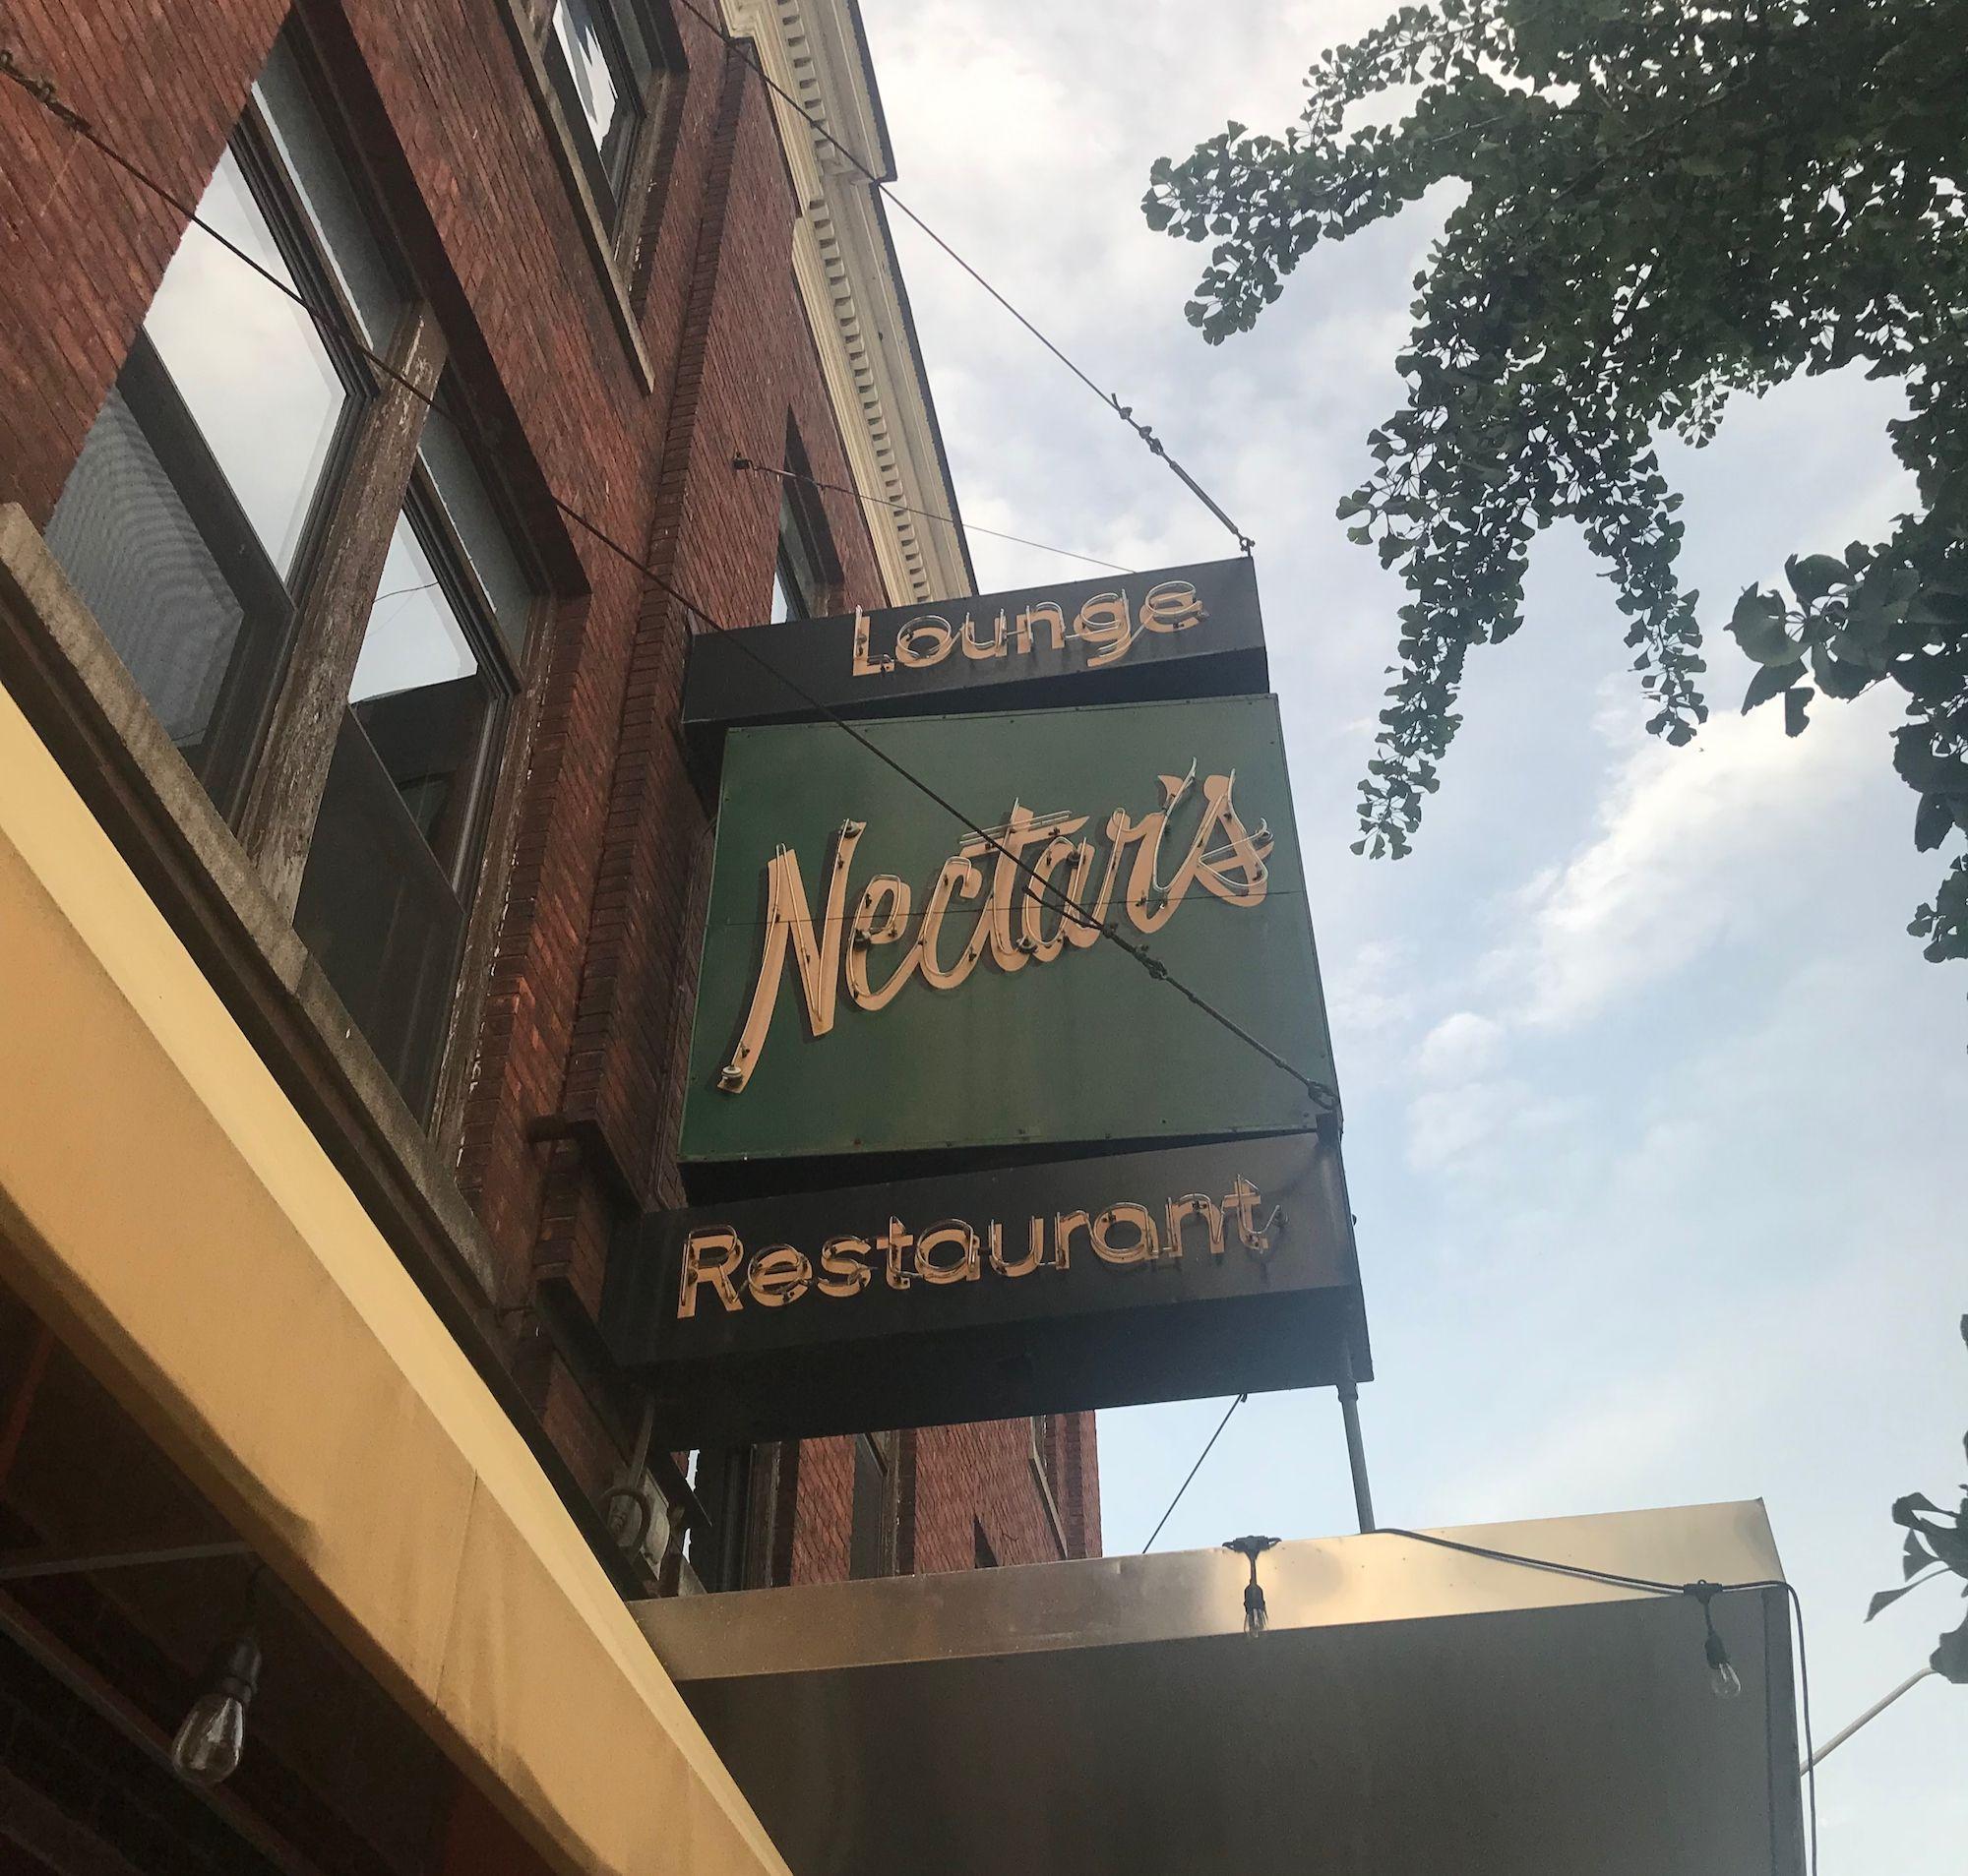 Nectar's in Vermont